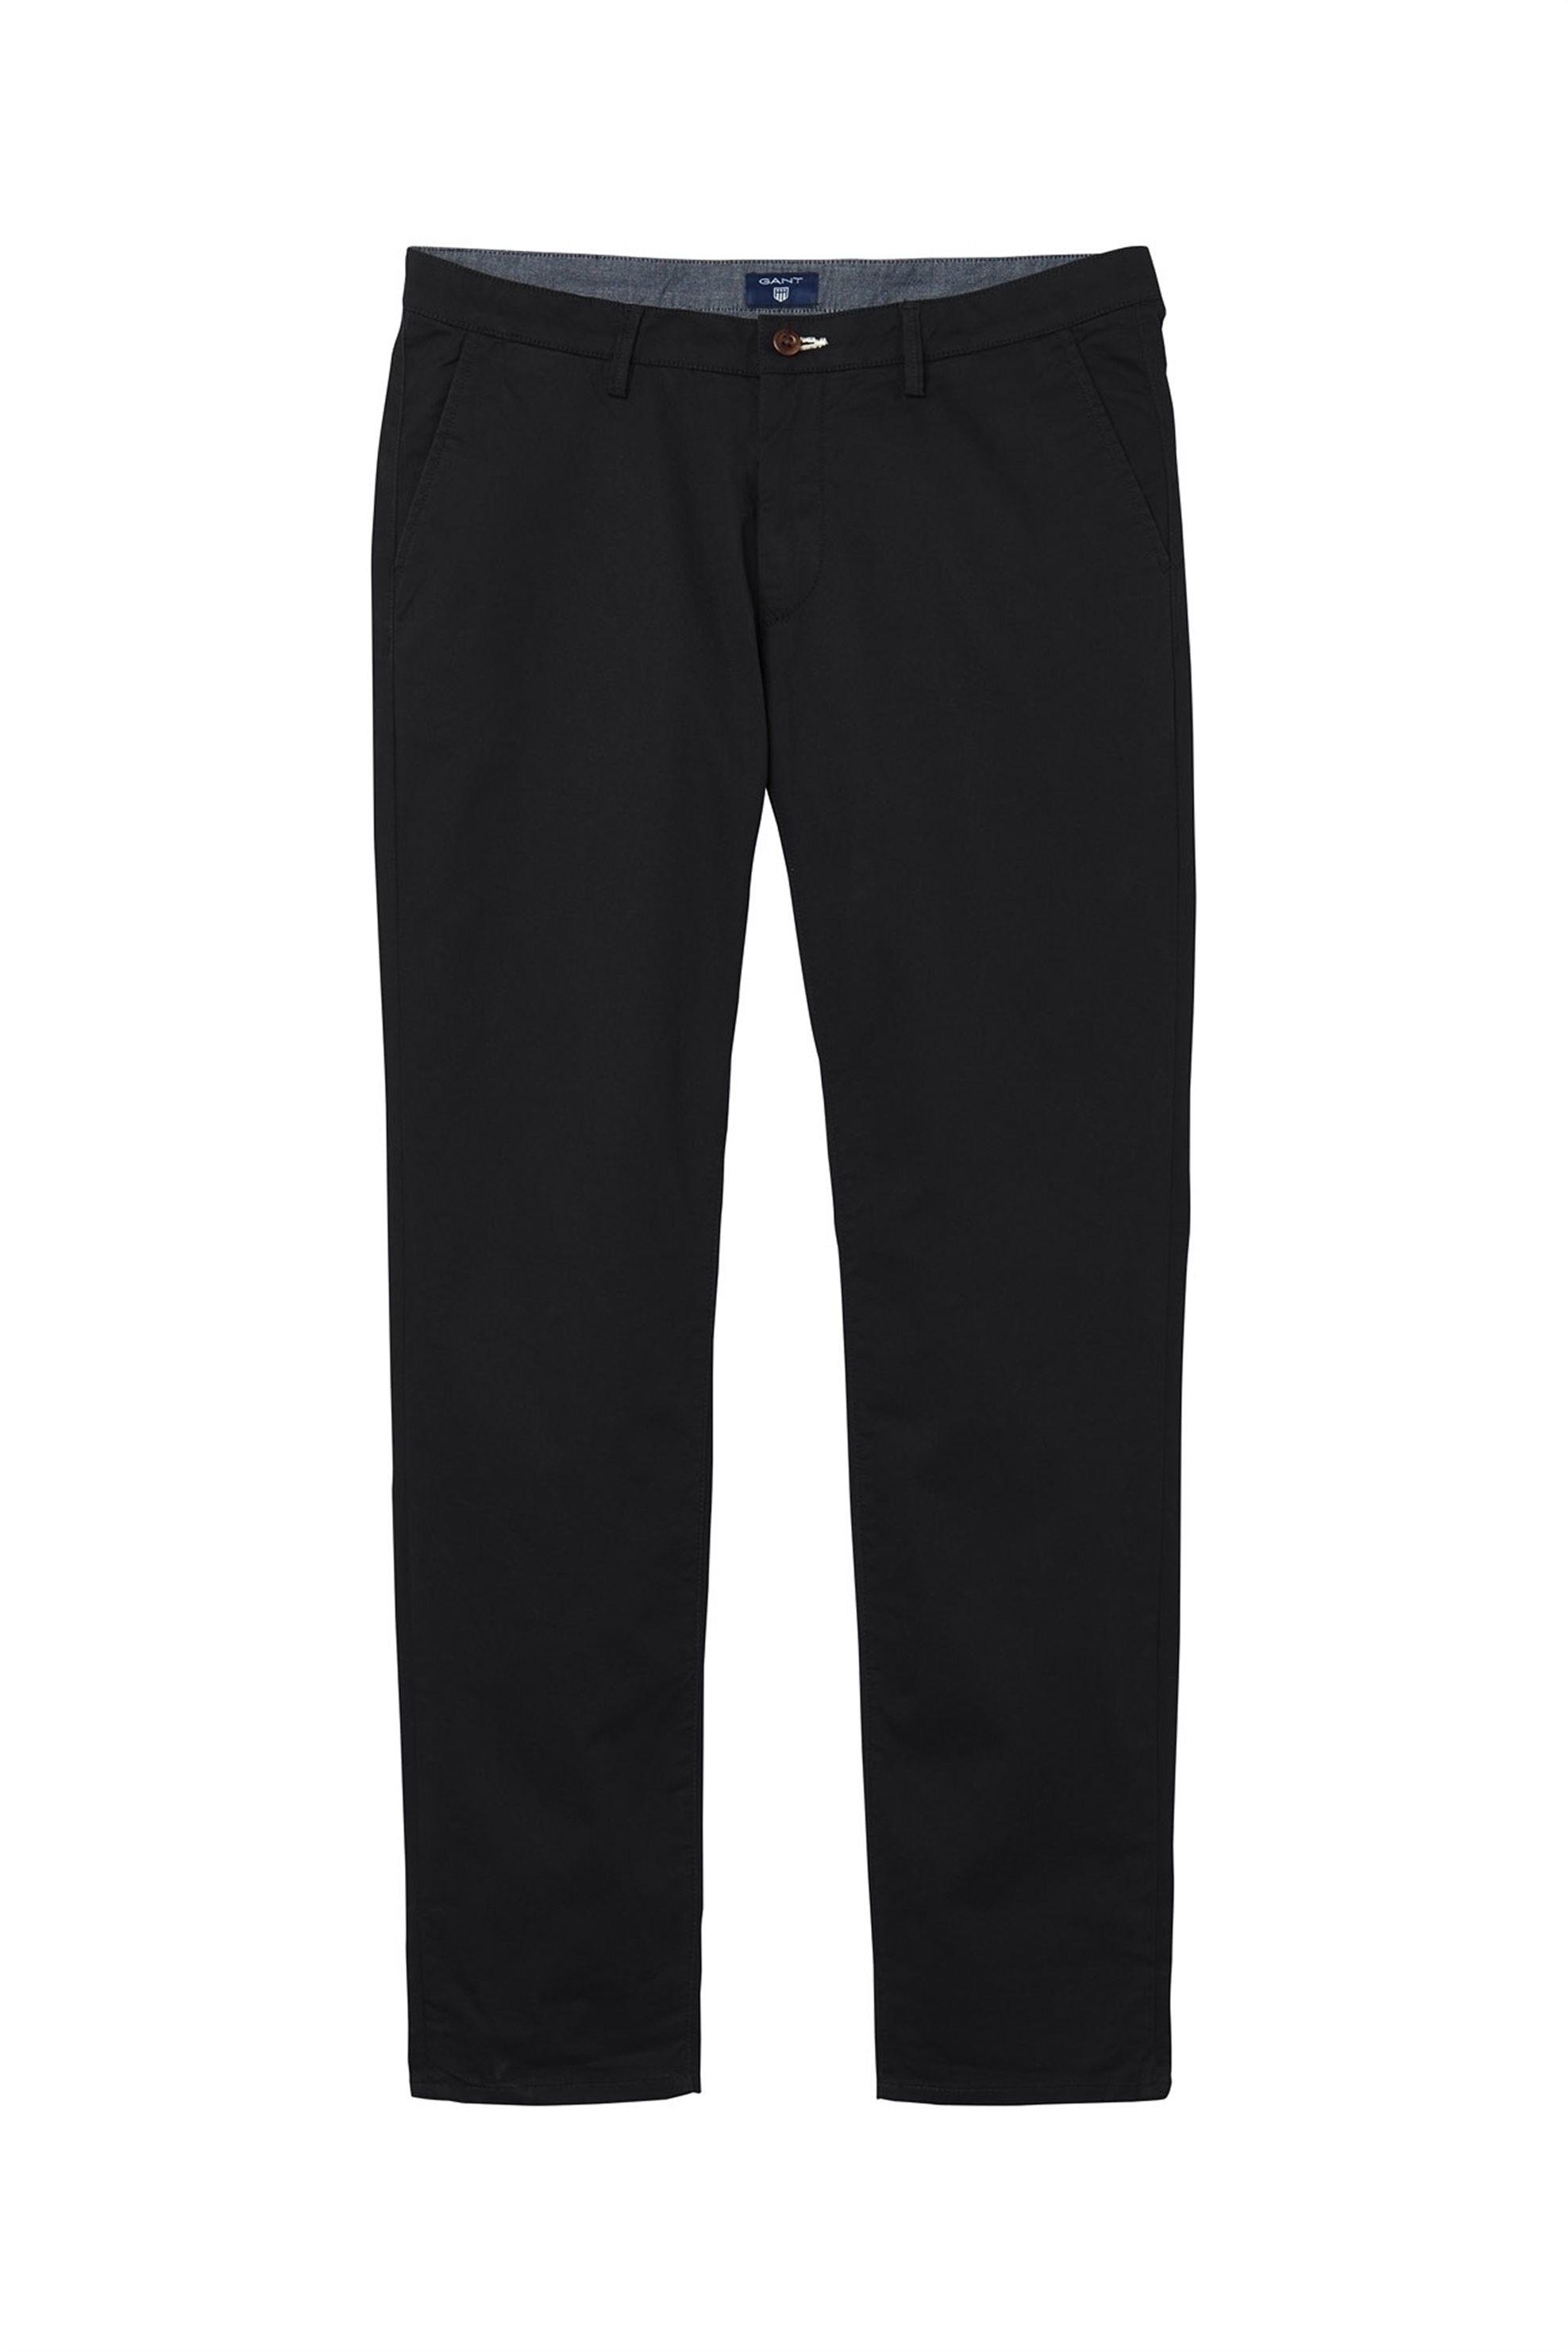 bfa1089894d1 Ανδρικά   Ρούχα   Παντελόνια   Casual   Classic   Ανδρικό παντελόνι ...